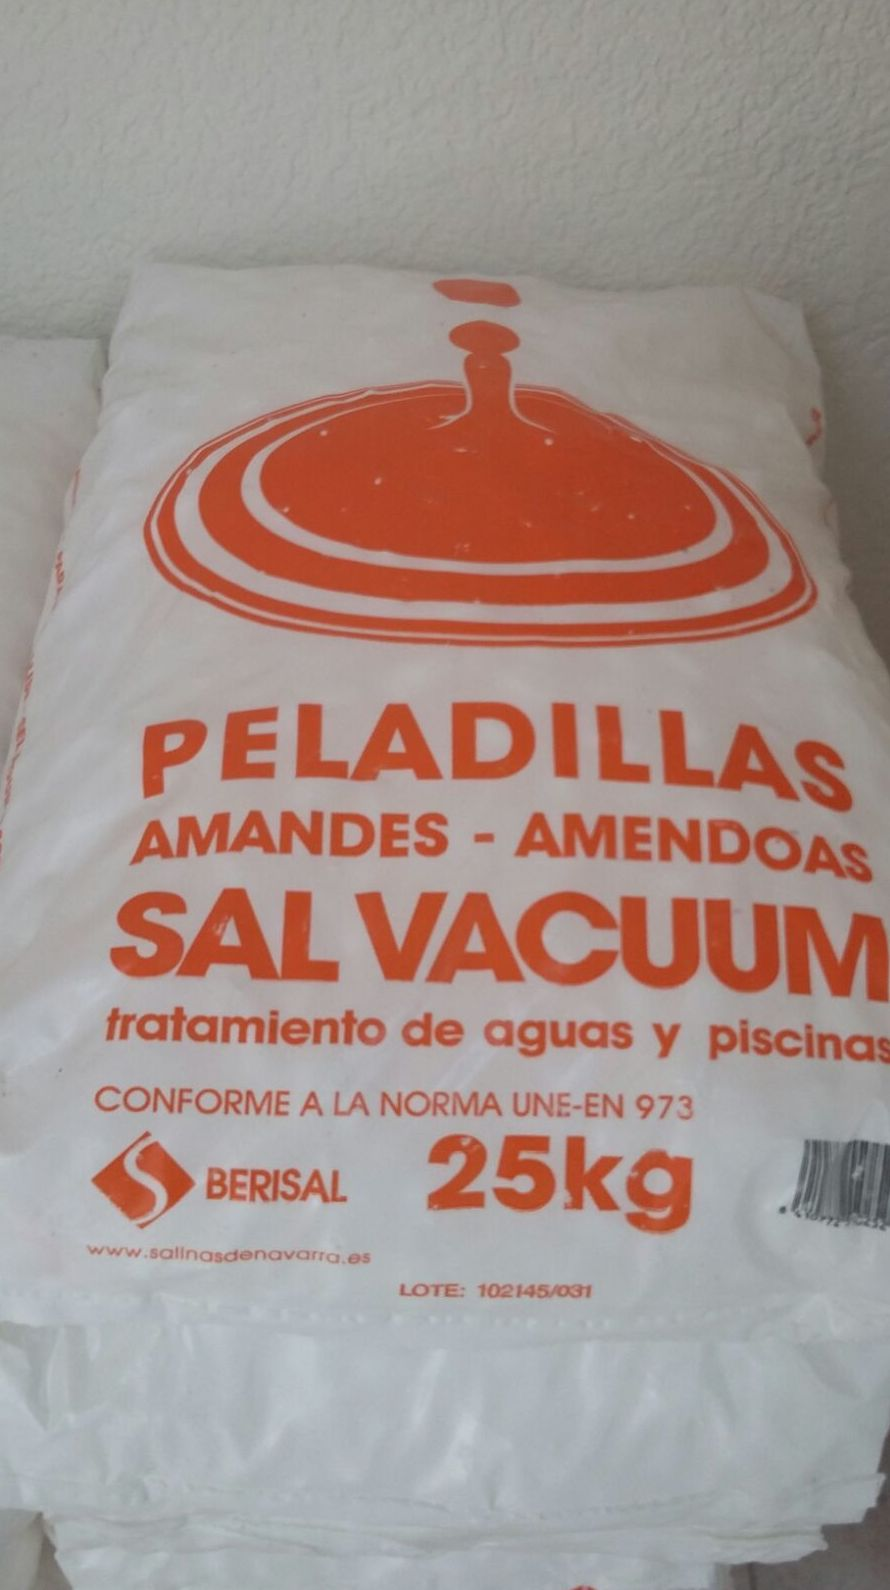 sal descalcificador  en peladillas para  tratamiento de aguas ,especial  Vacuum para  mayor calidad